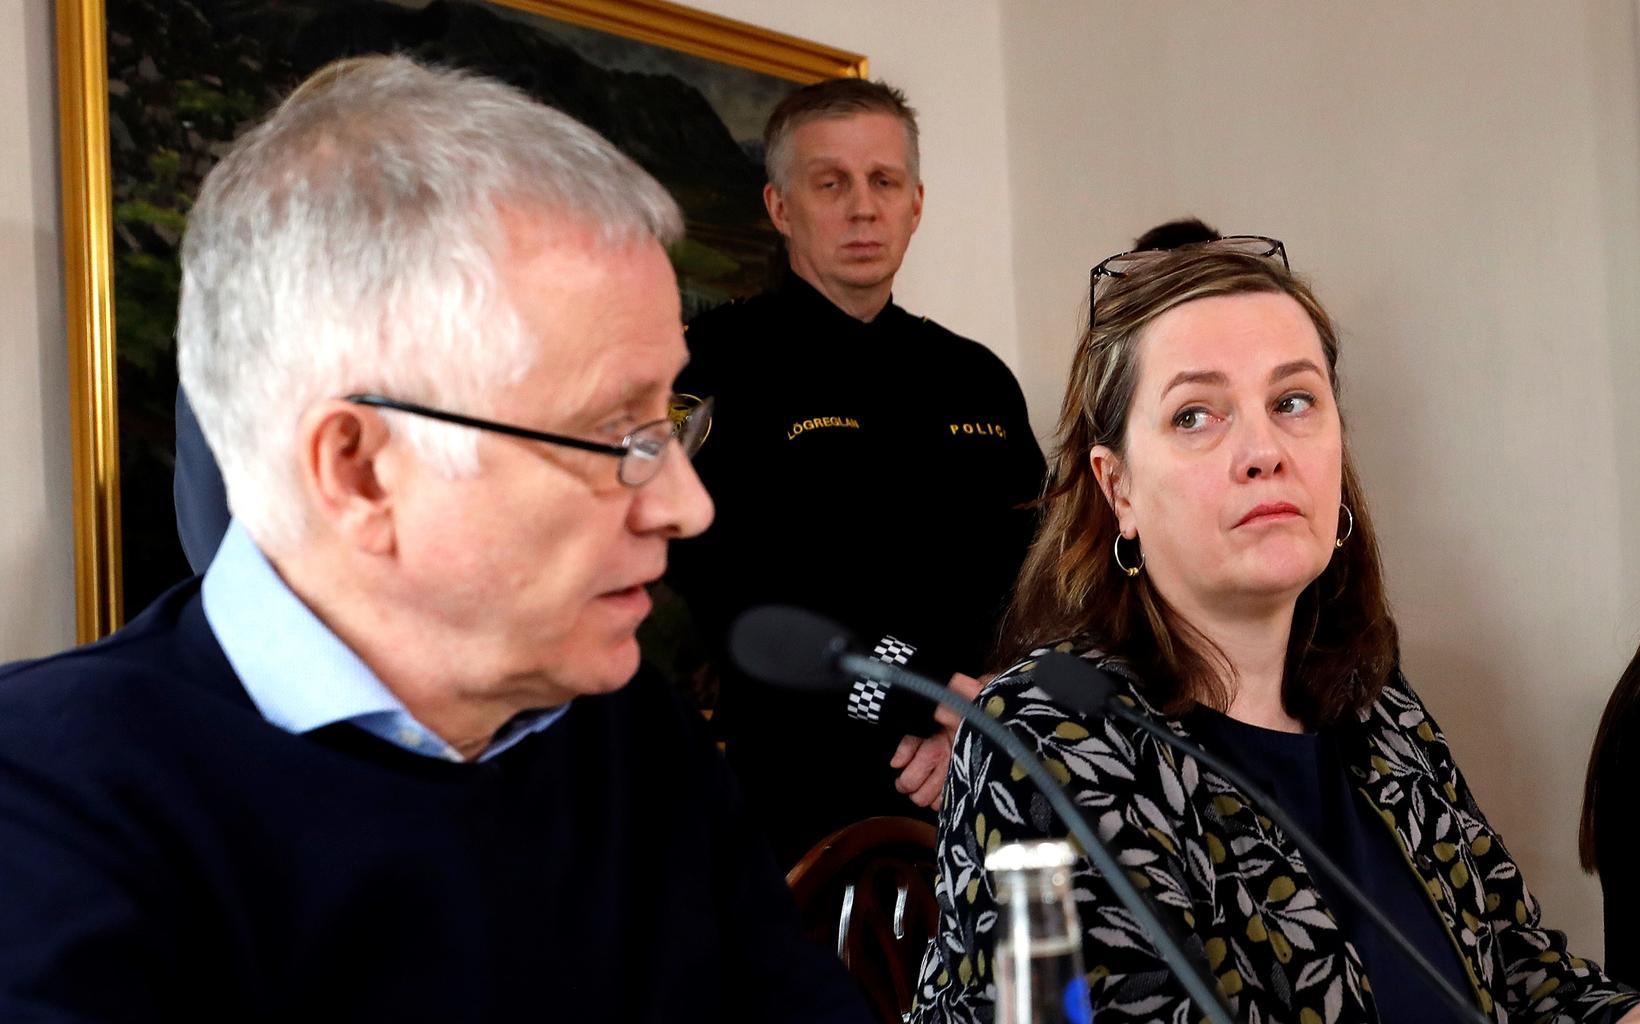 Chief Epidemiologist Þórólfur Guðnason and Minister of Health Svandís Svavarsdóttir.